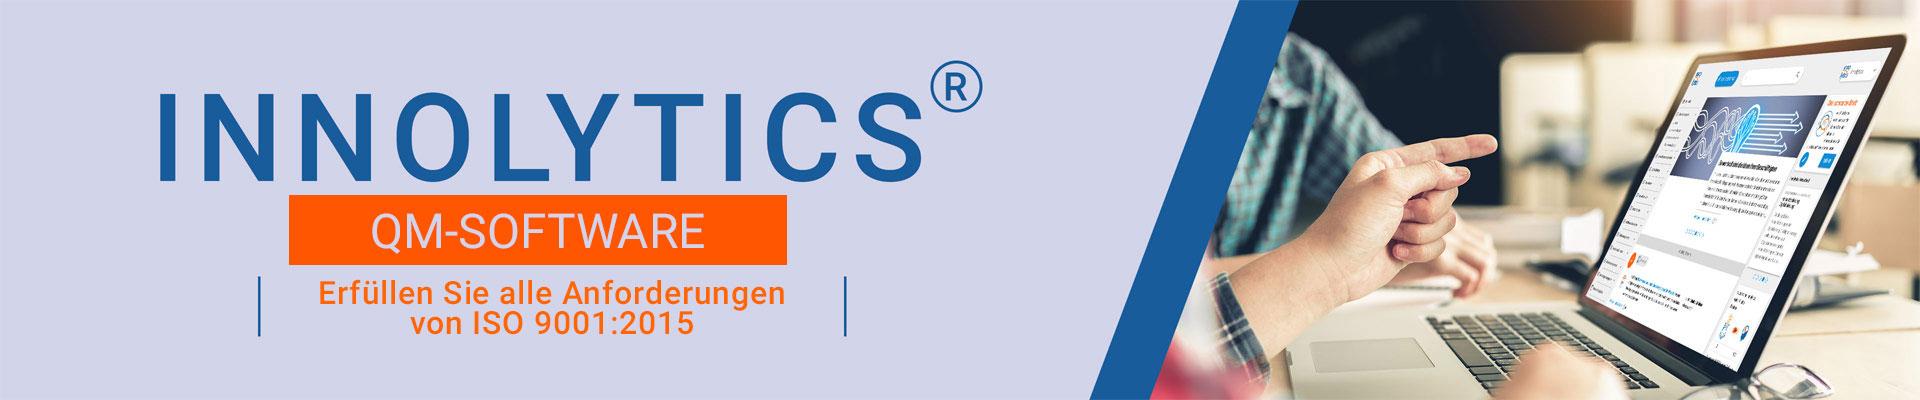 Innolytics-QM-Software-Anforderung-ISO-9001-2015